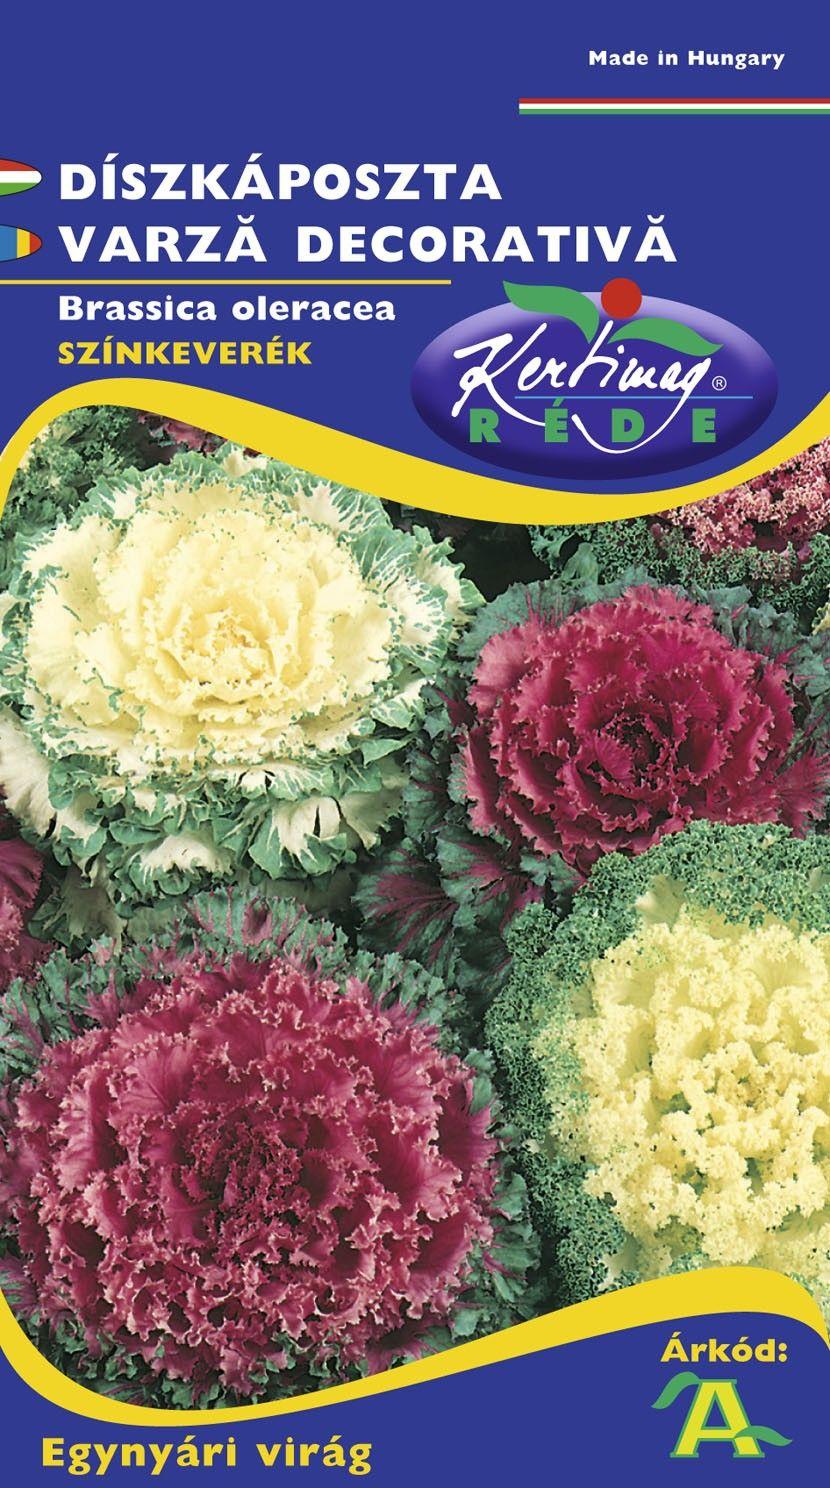 Seminte de Varza decorativa mix - KM - Brassica oleracea